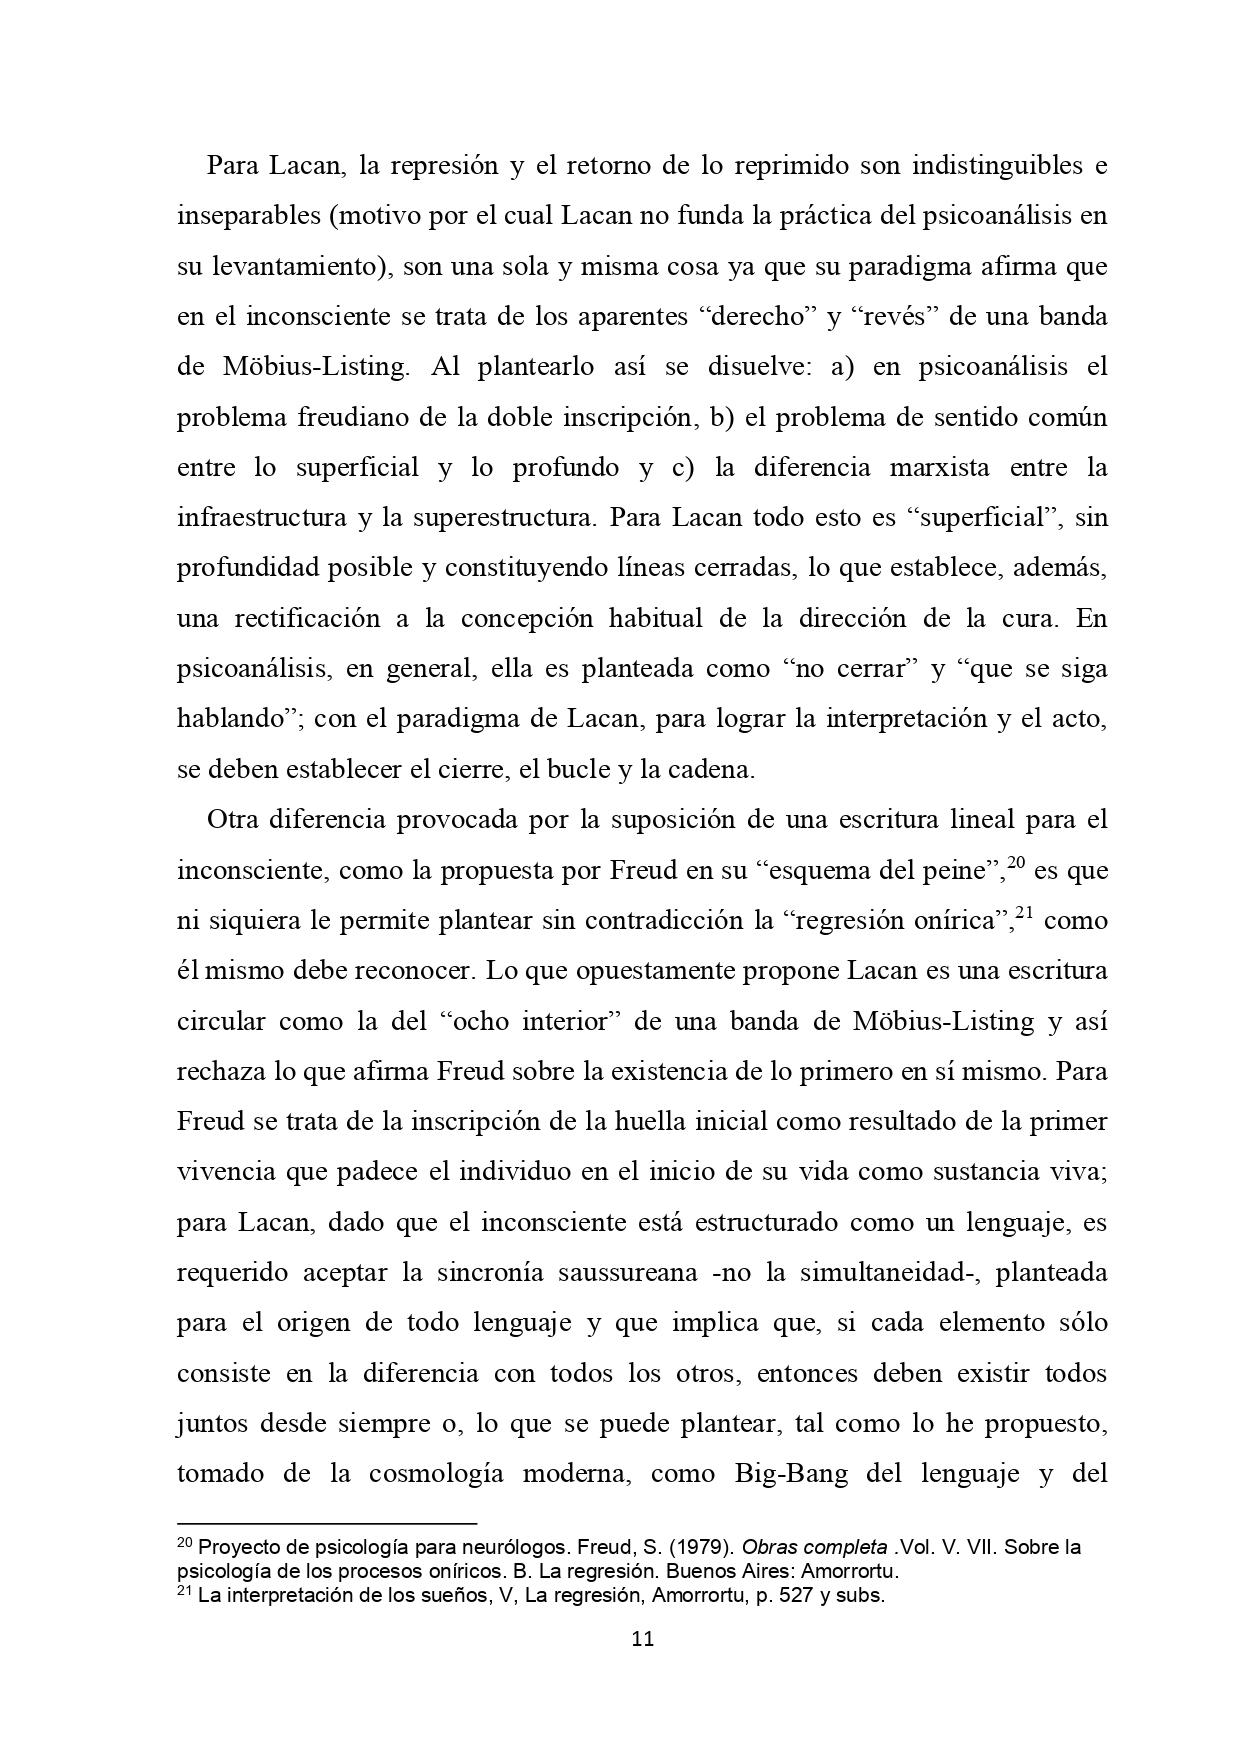 101_La topología de Lacan APOLa 16-4-2020 B (1)_page-0011